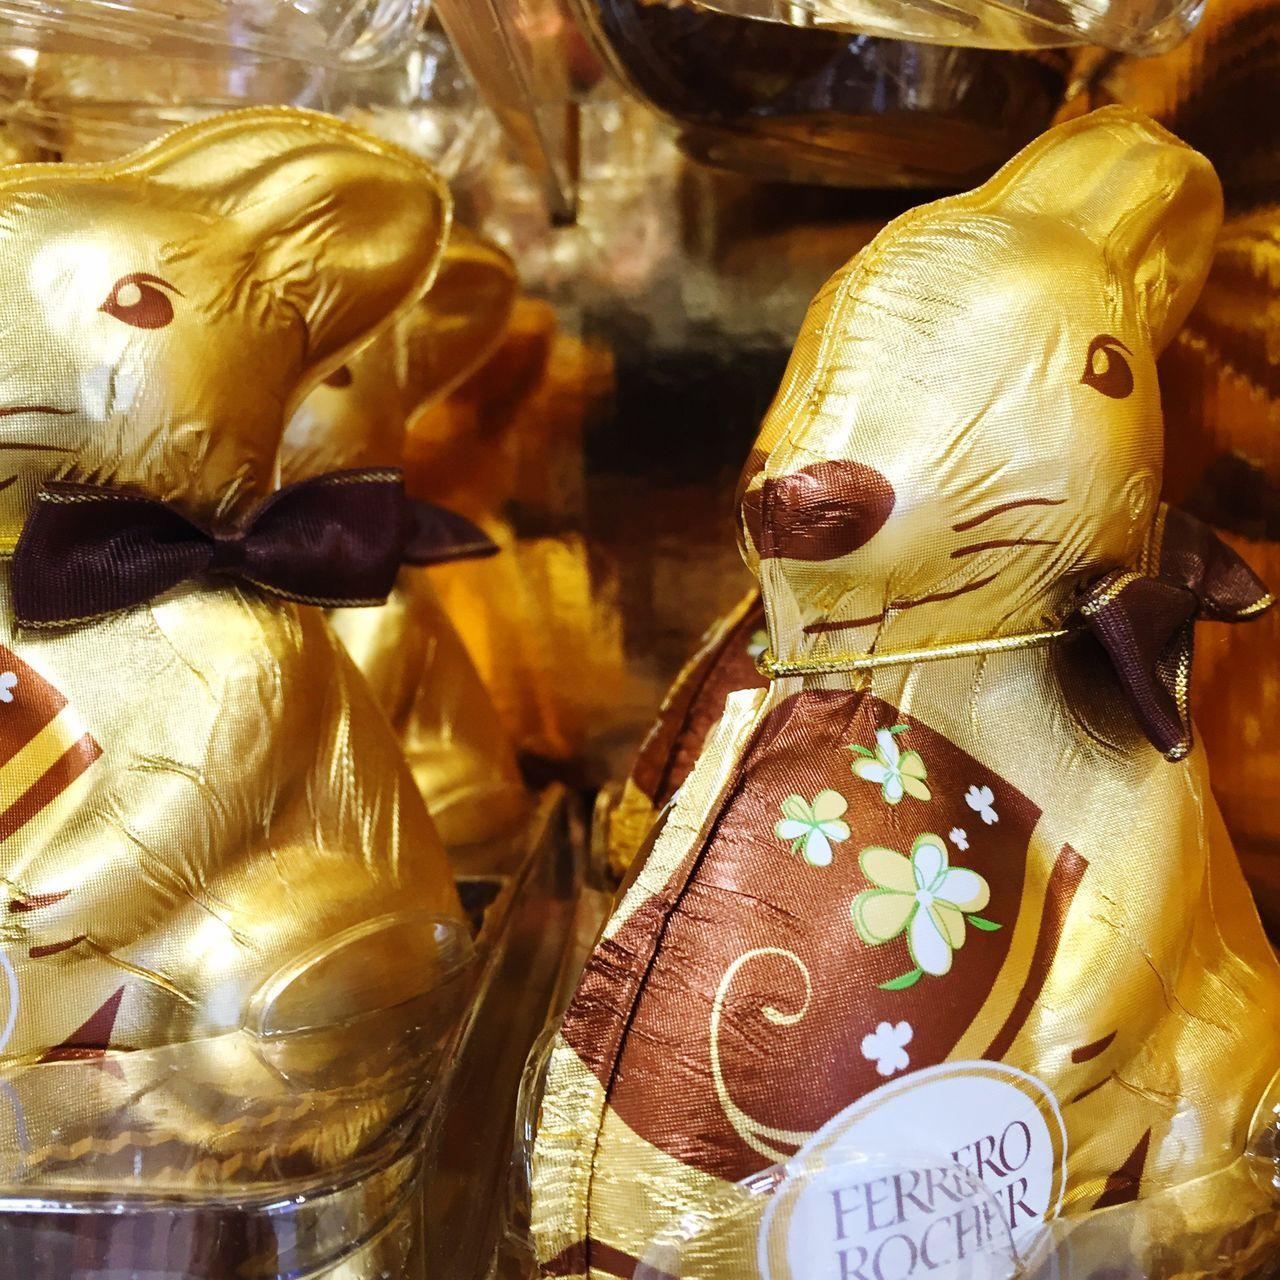 Easter Ready Easter Bunny Ostergrusel Osterschrecken Ostern Nur Noch Geldmaschine Millionsofbunnys